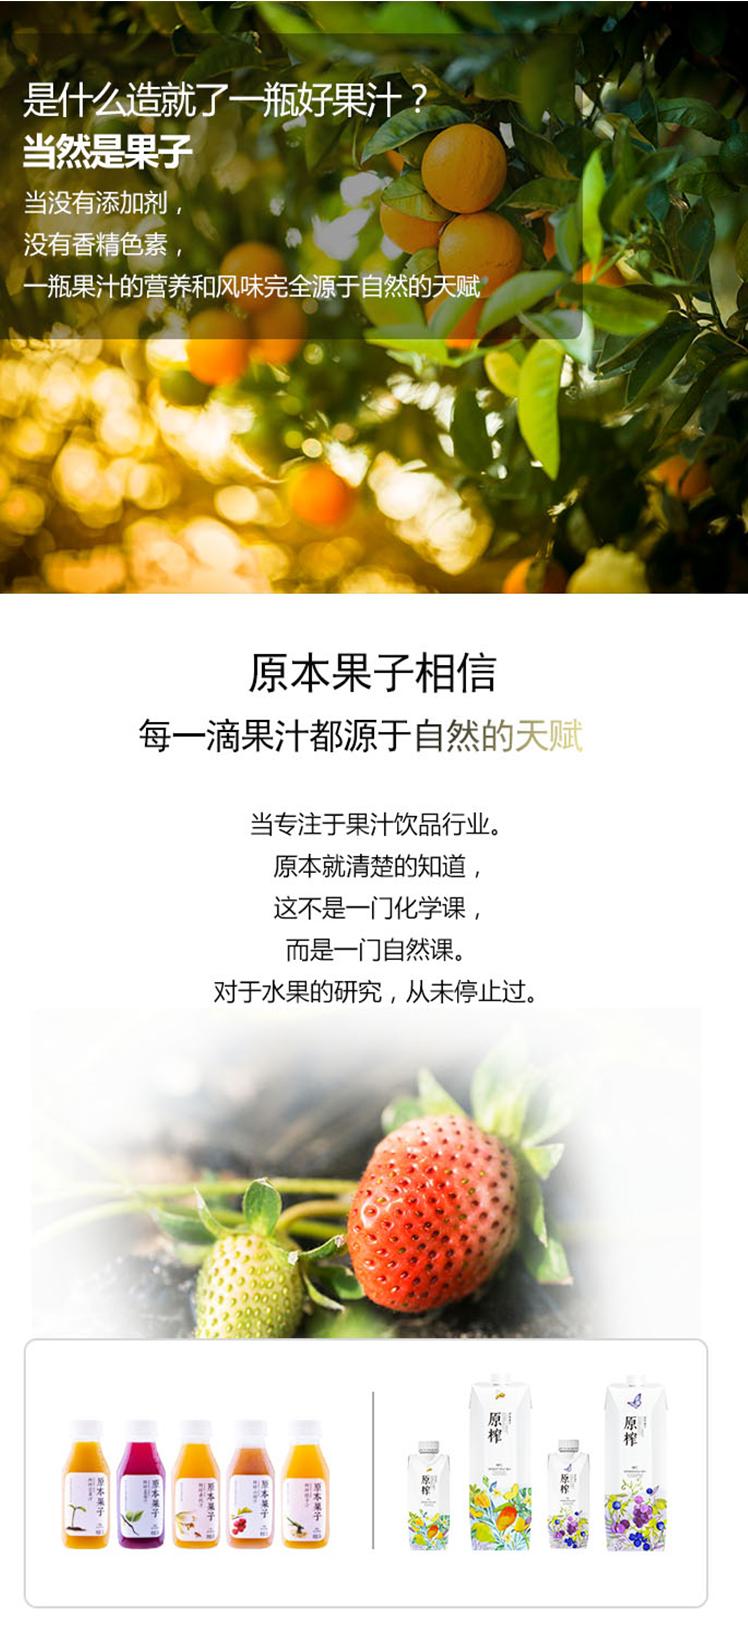 快消加盟-原本果子,每一滴果汁都源于自然的天赋-找加盟就上小宝招商